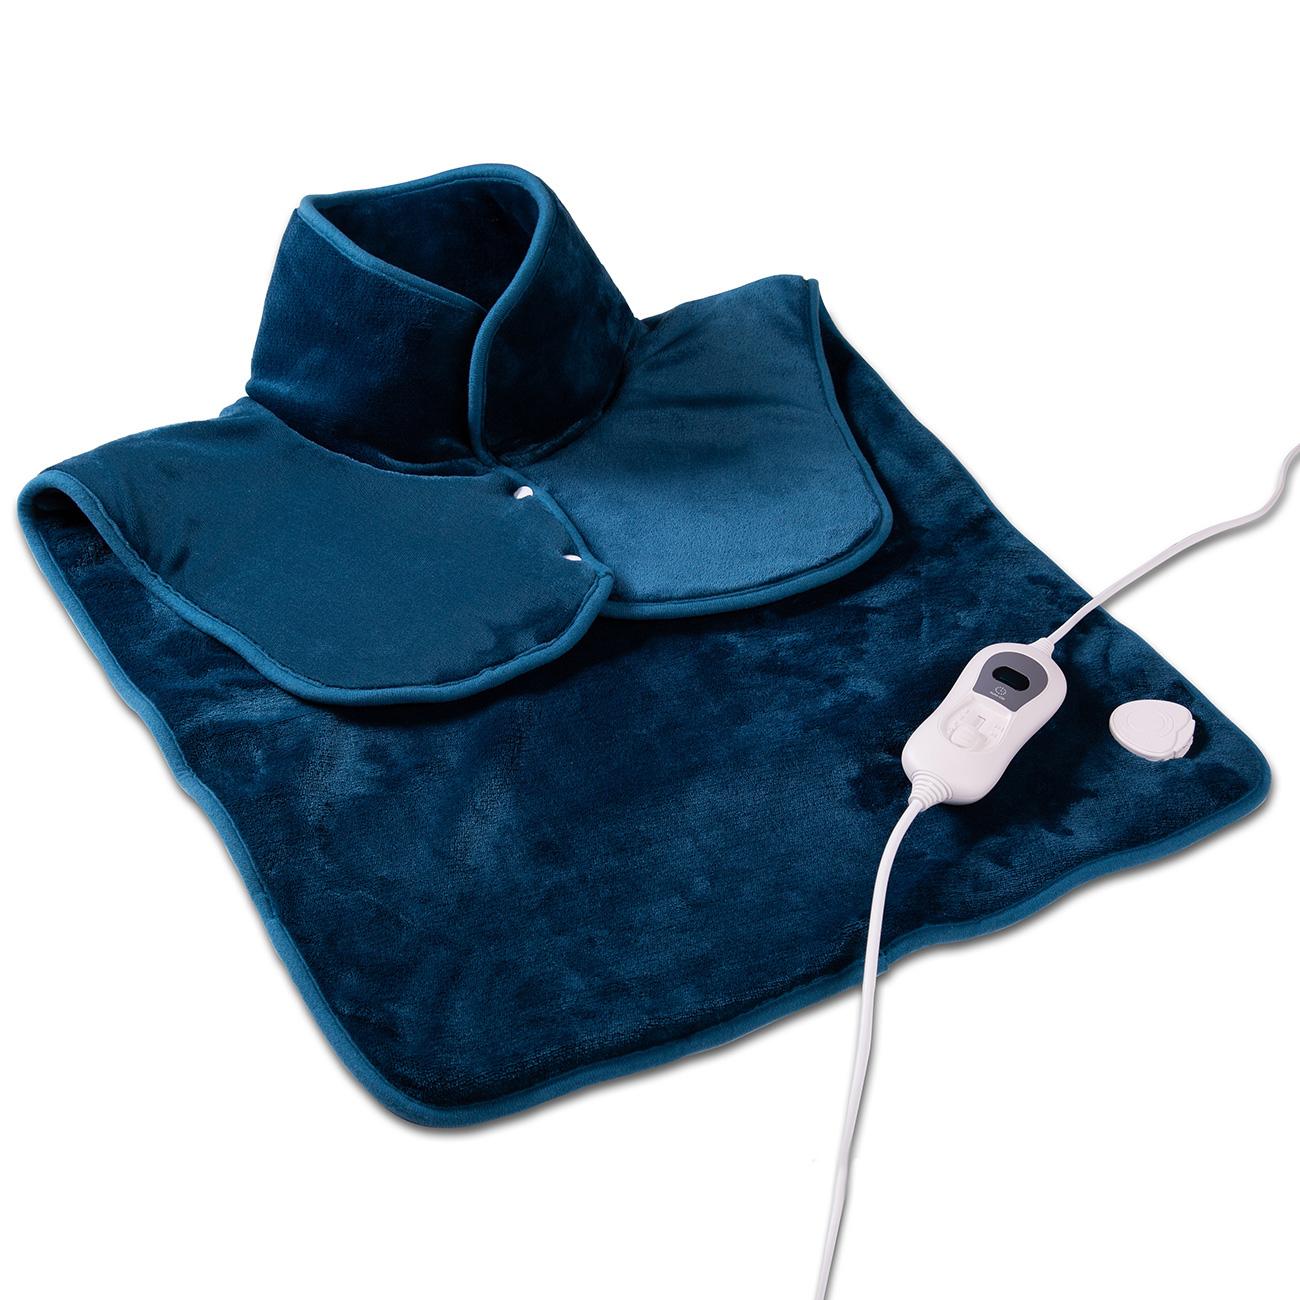 Das Rückenheizkissen ist besonders anschmiegsam dank flaushig weichem Obermaterial.